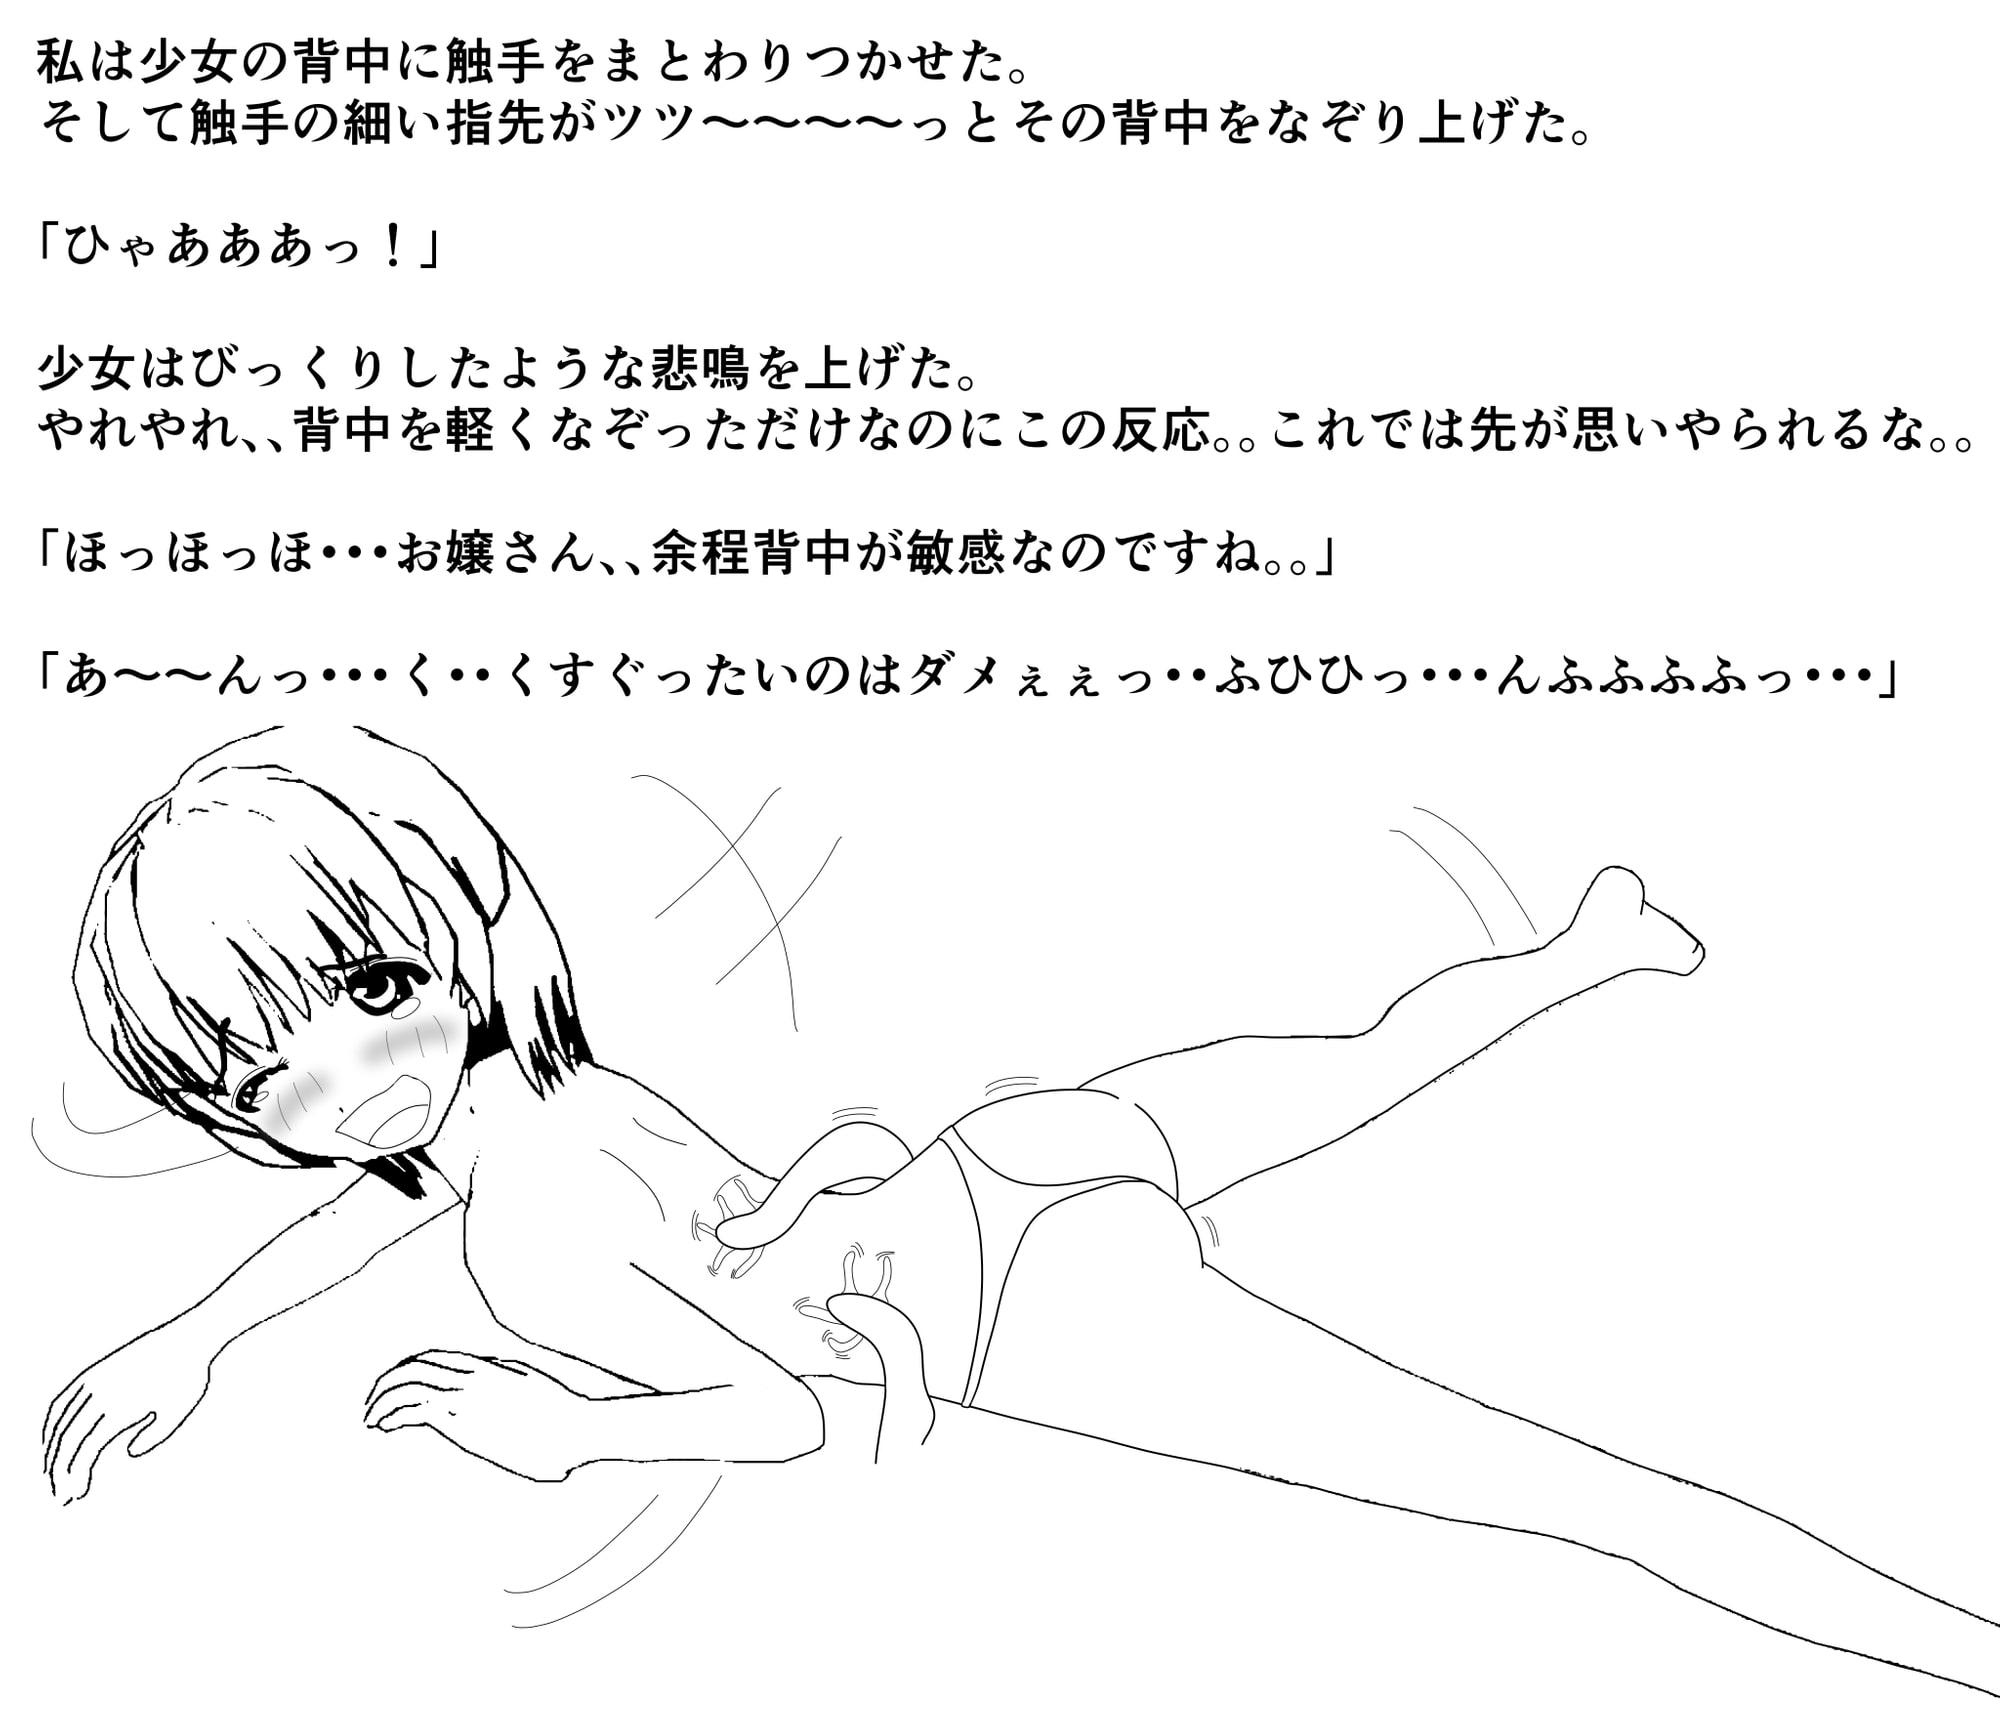 ジュ○アアイドルくすぐりシーン撮影(モノクロイラスト10枚)